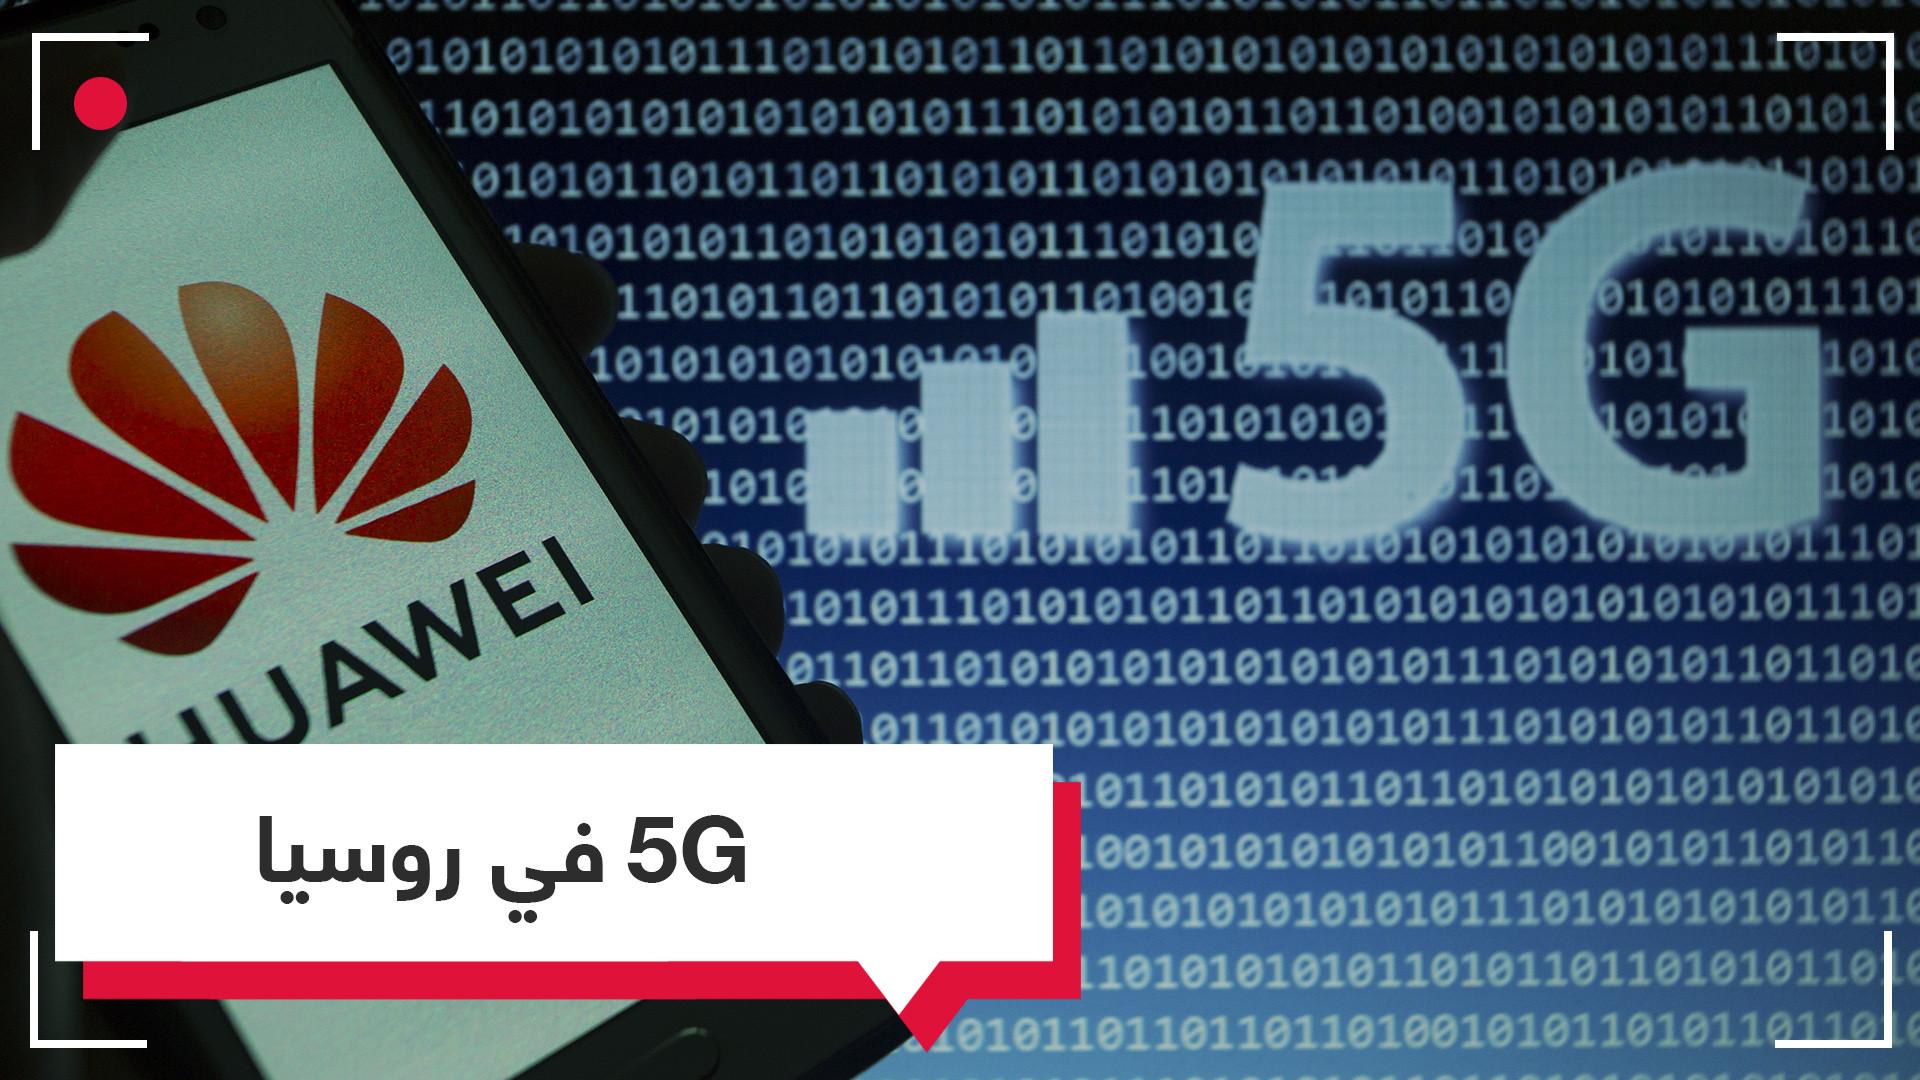 هواوي الصينية توقع اتفاقية في روسيا لإطلاق شبكة الـ 5G